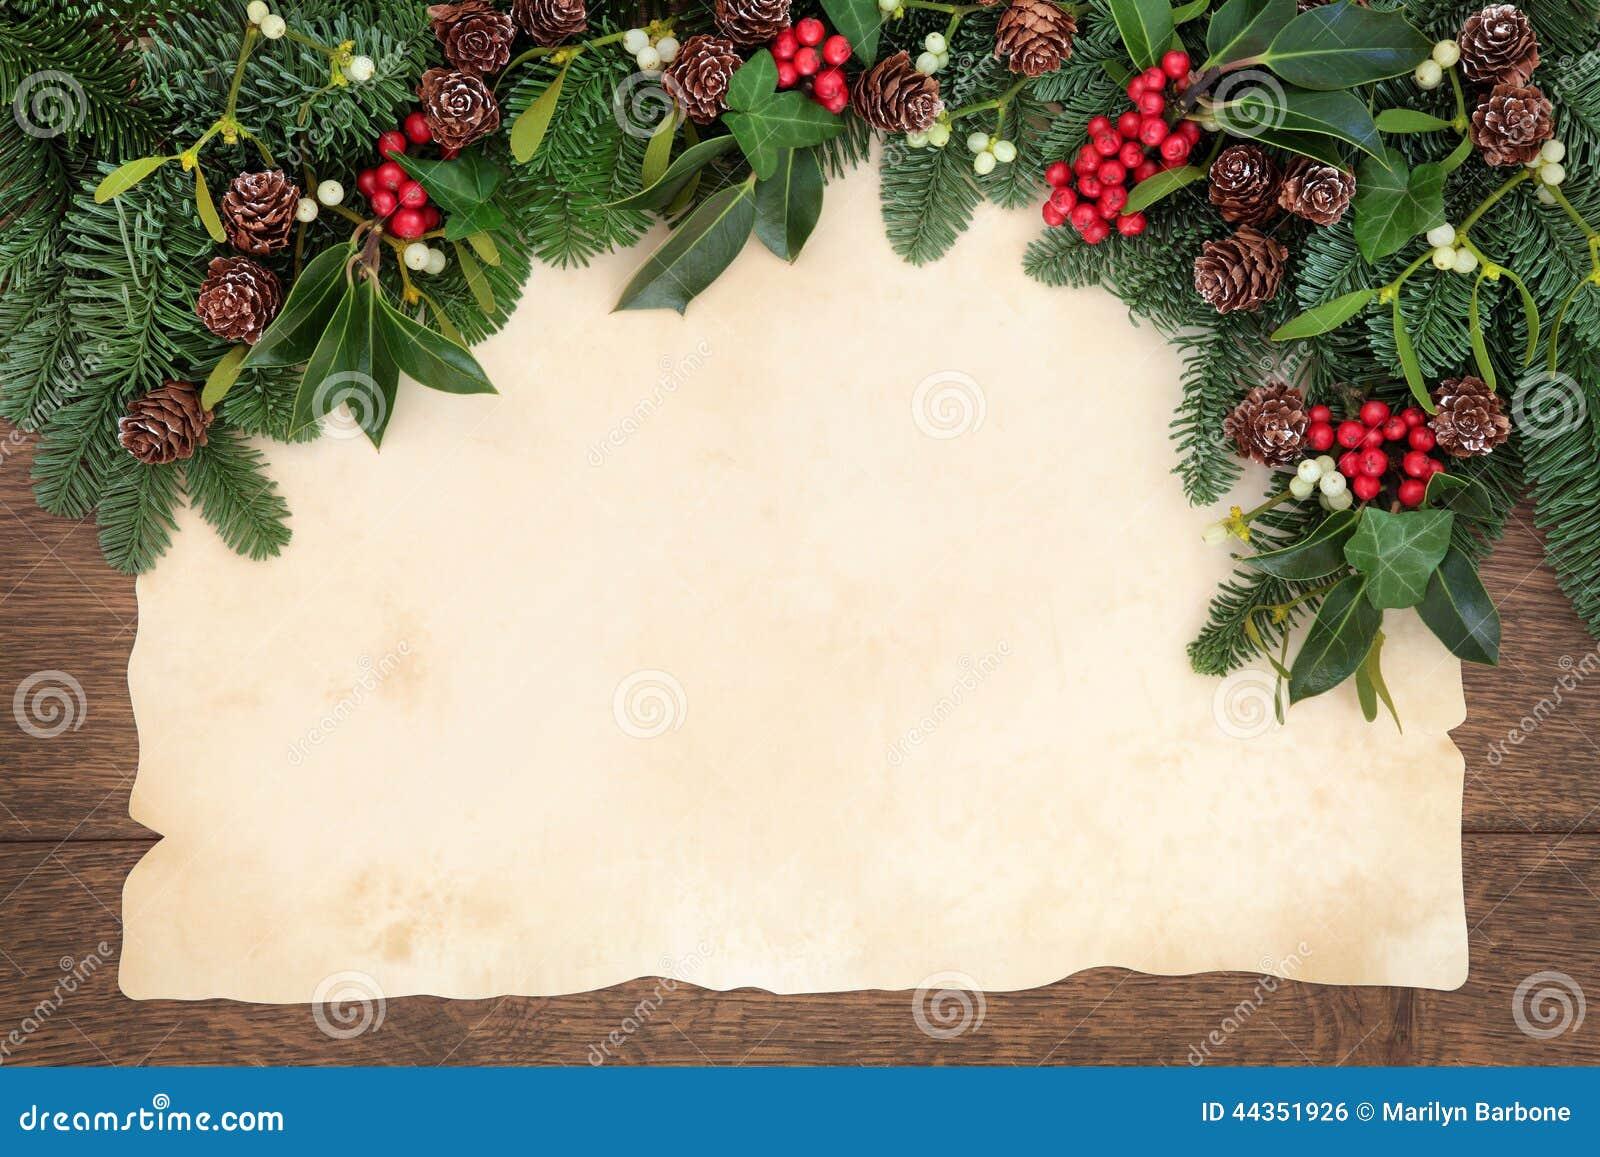 Confine tradizionale di Natale